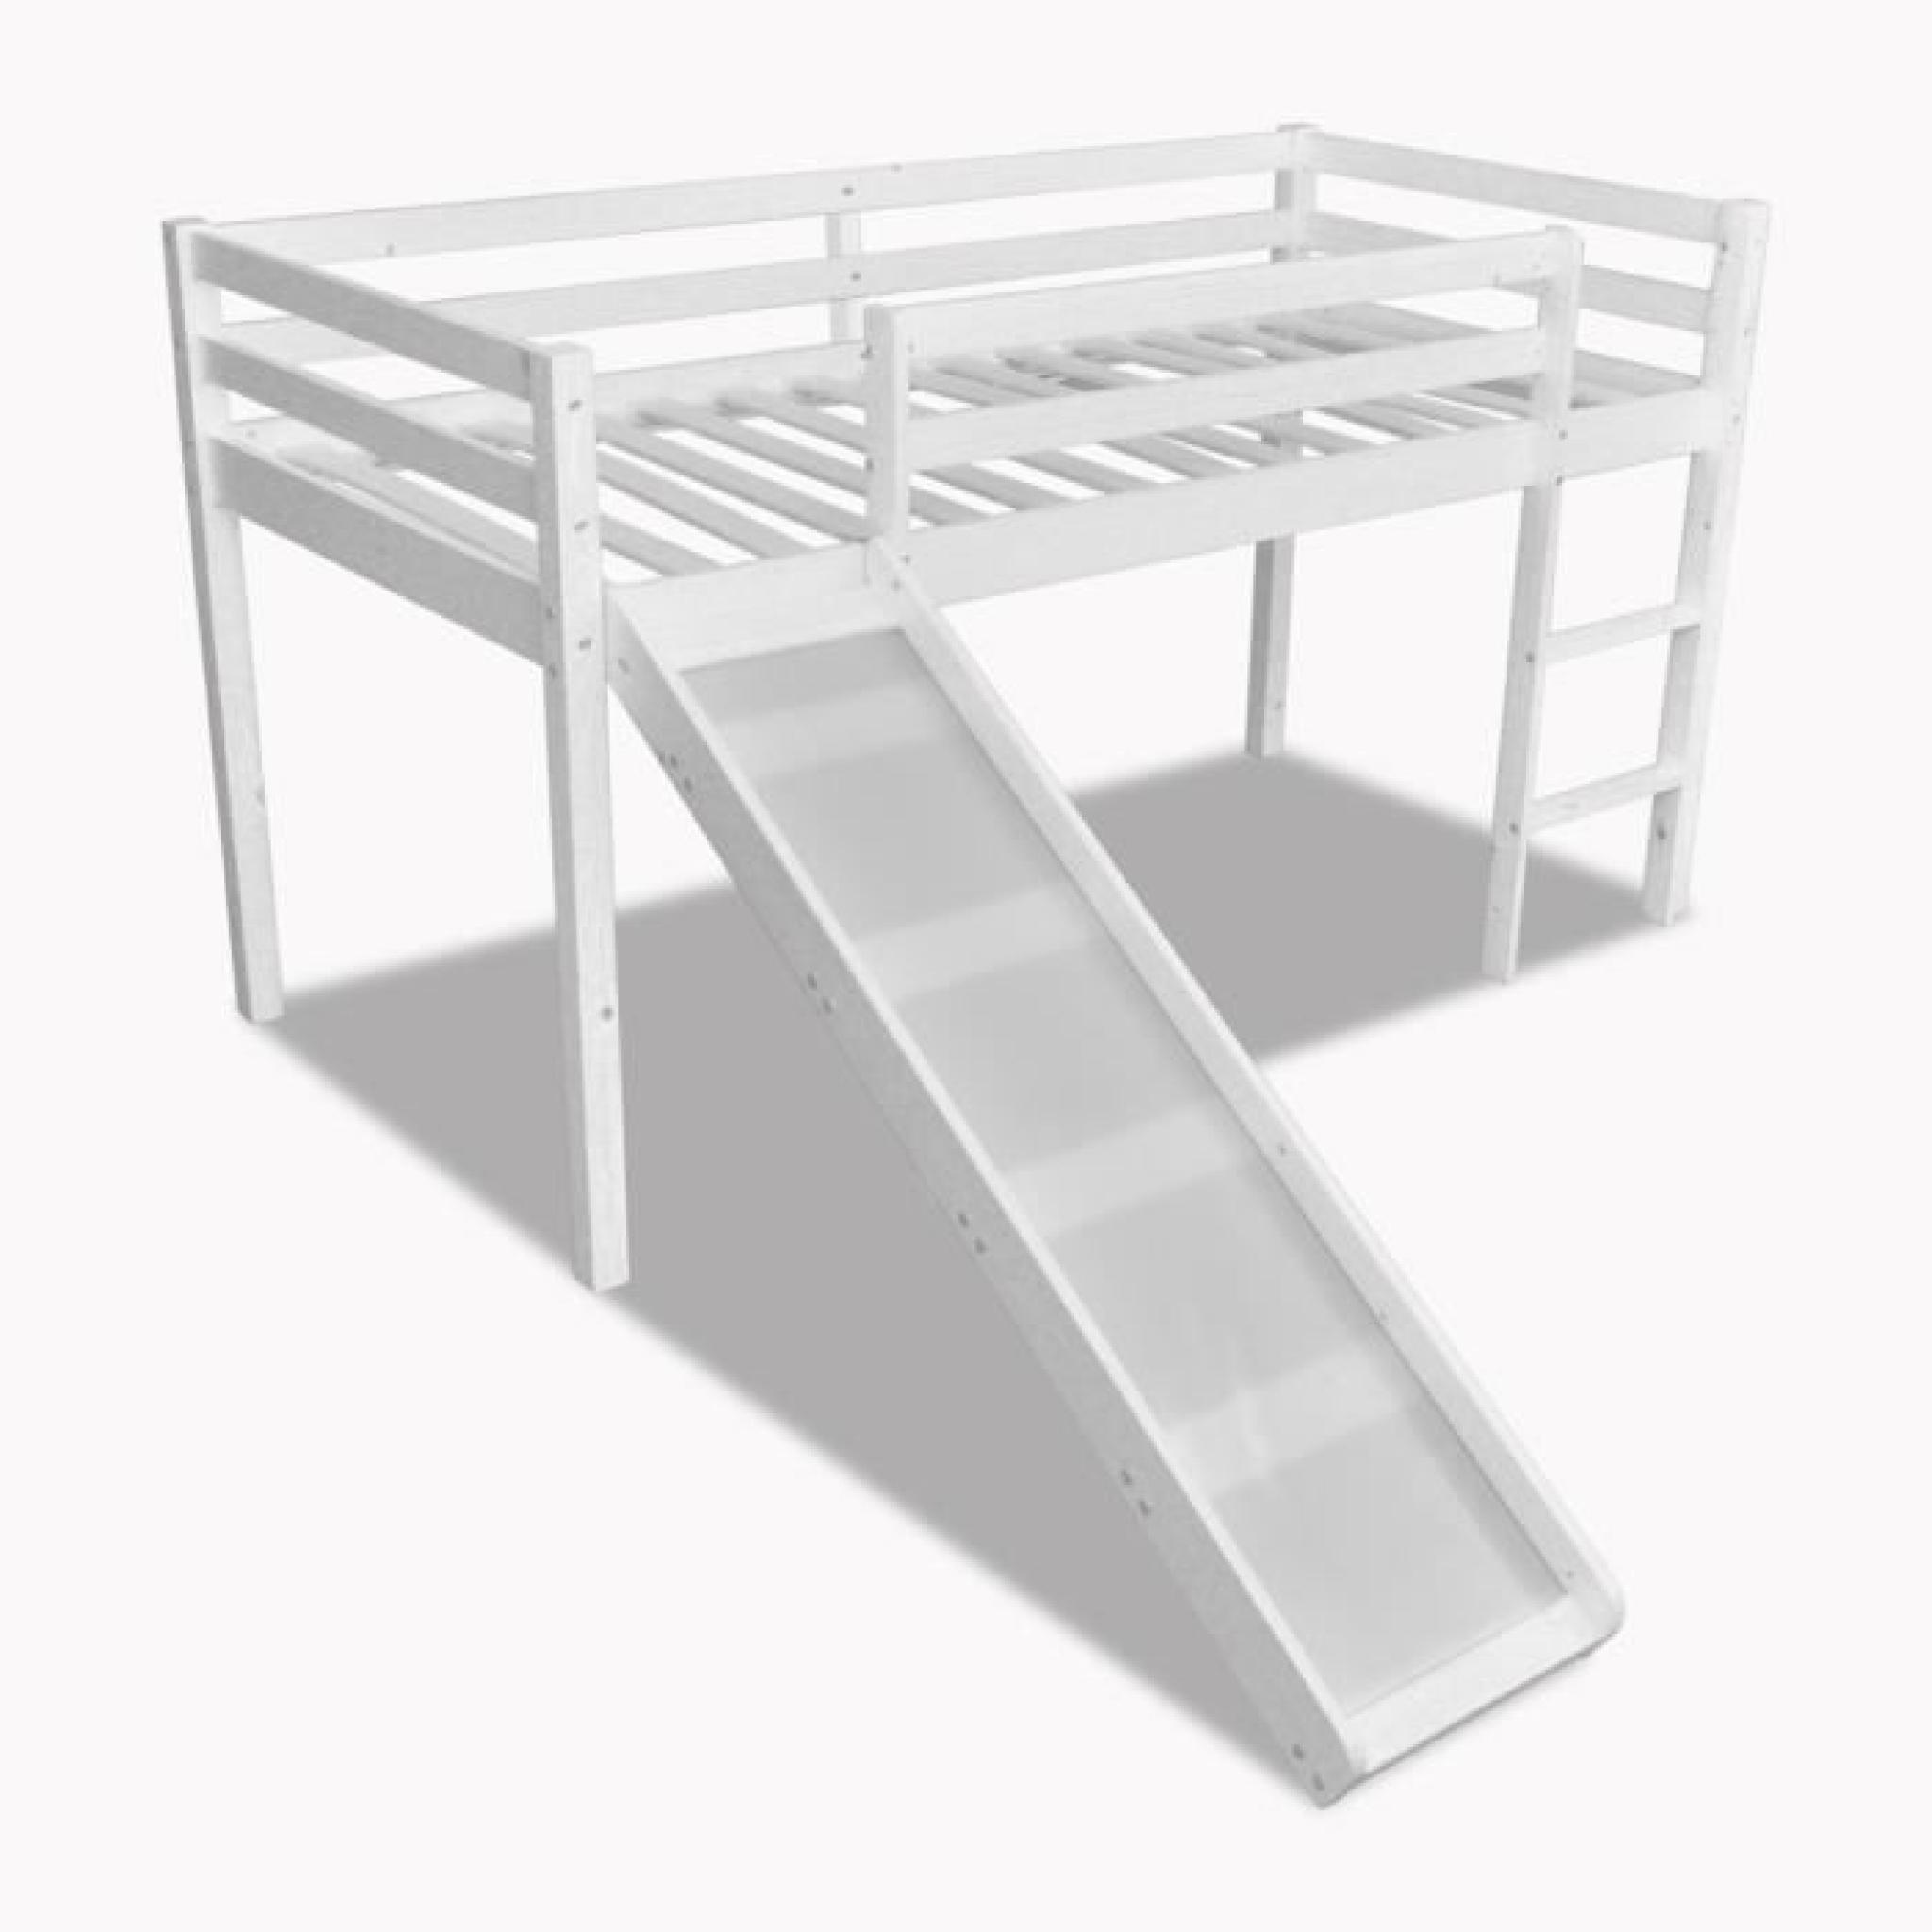 p36 lit mezzanine avec toboggan et echelle en bois blanc achat vente lit mezzanine pas cher couleur et design fr